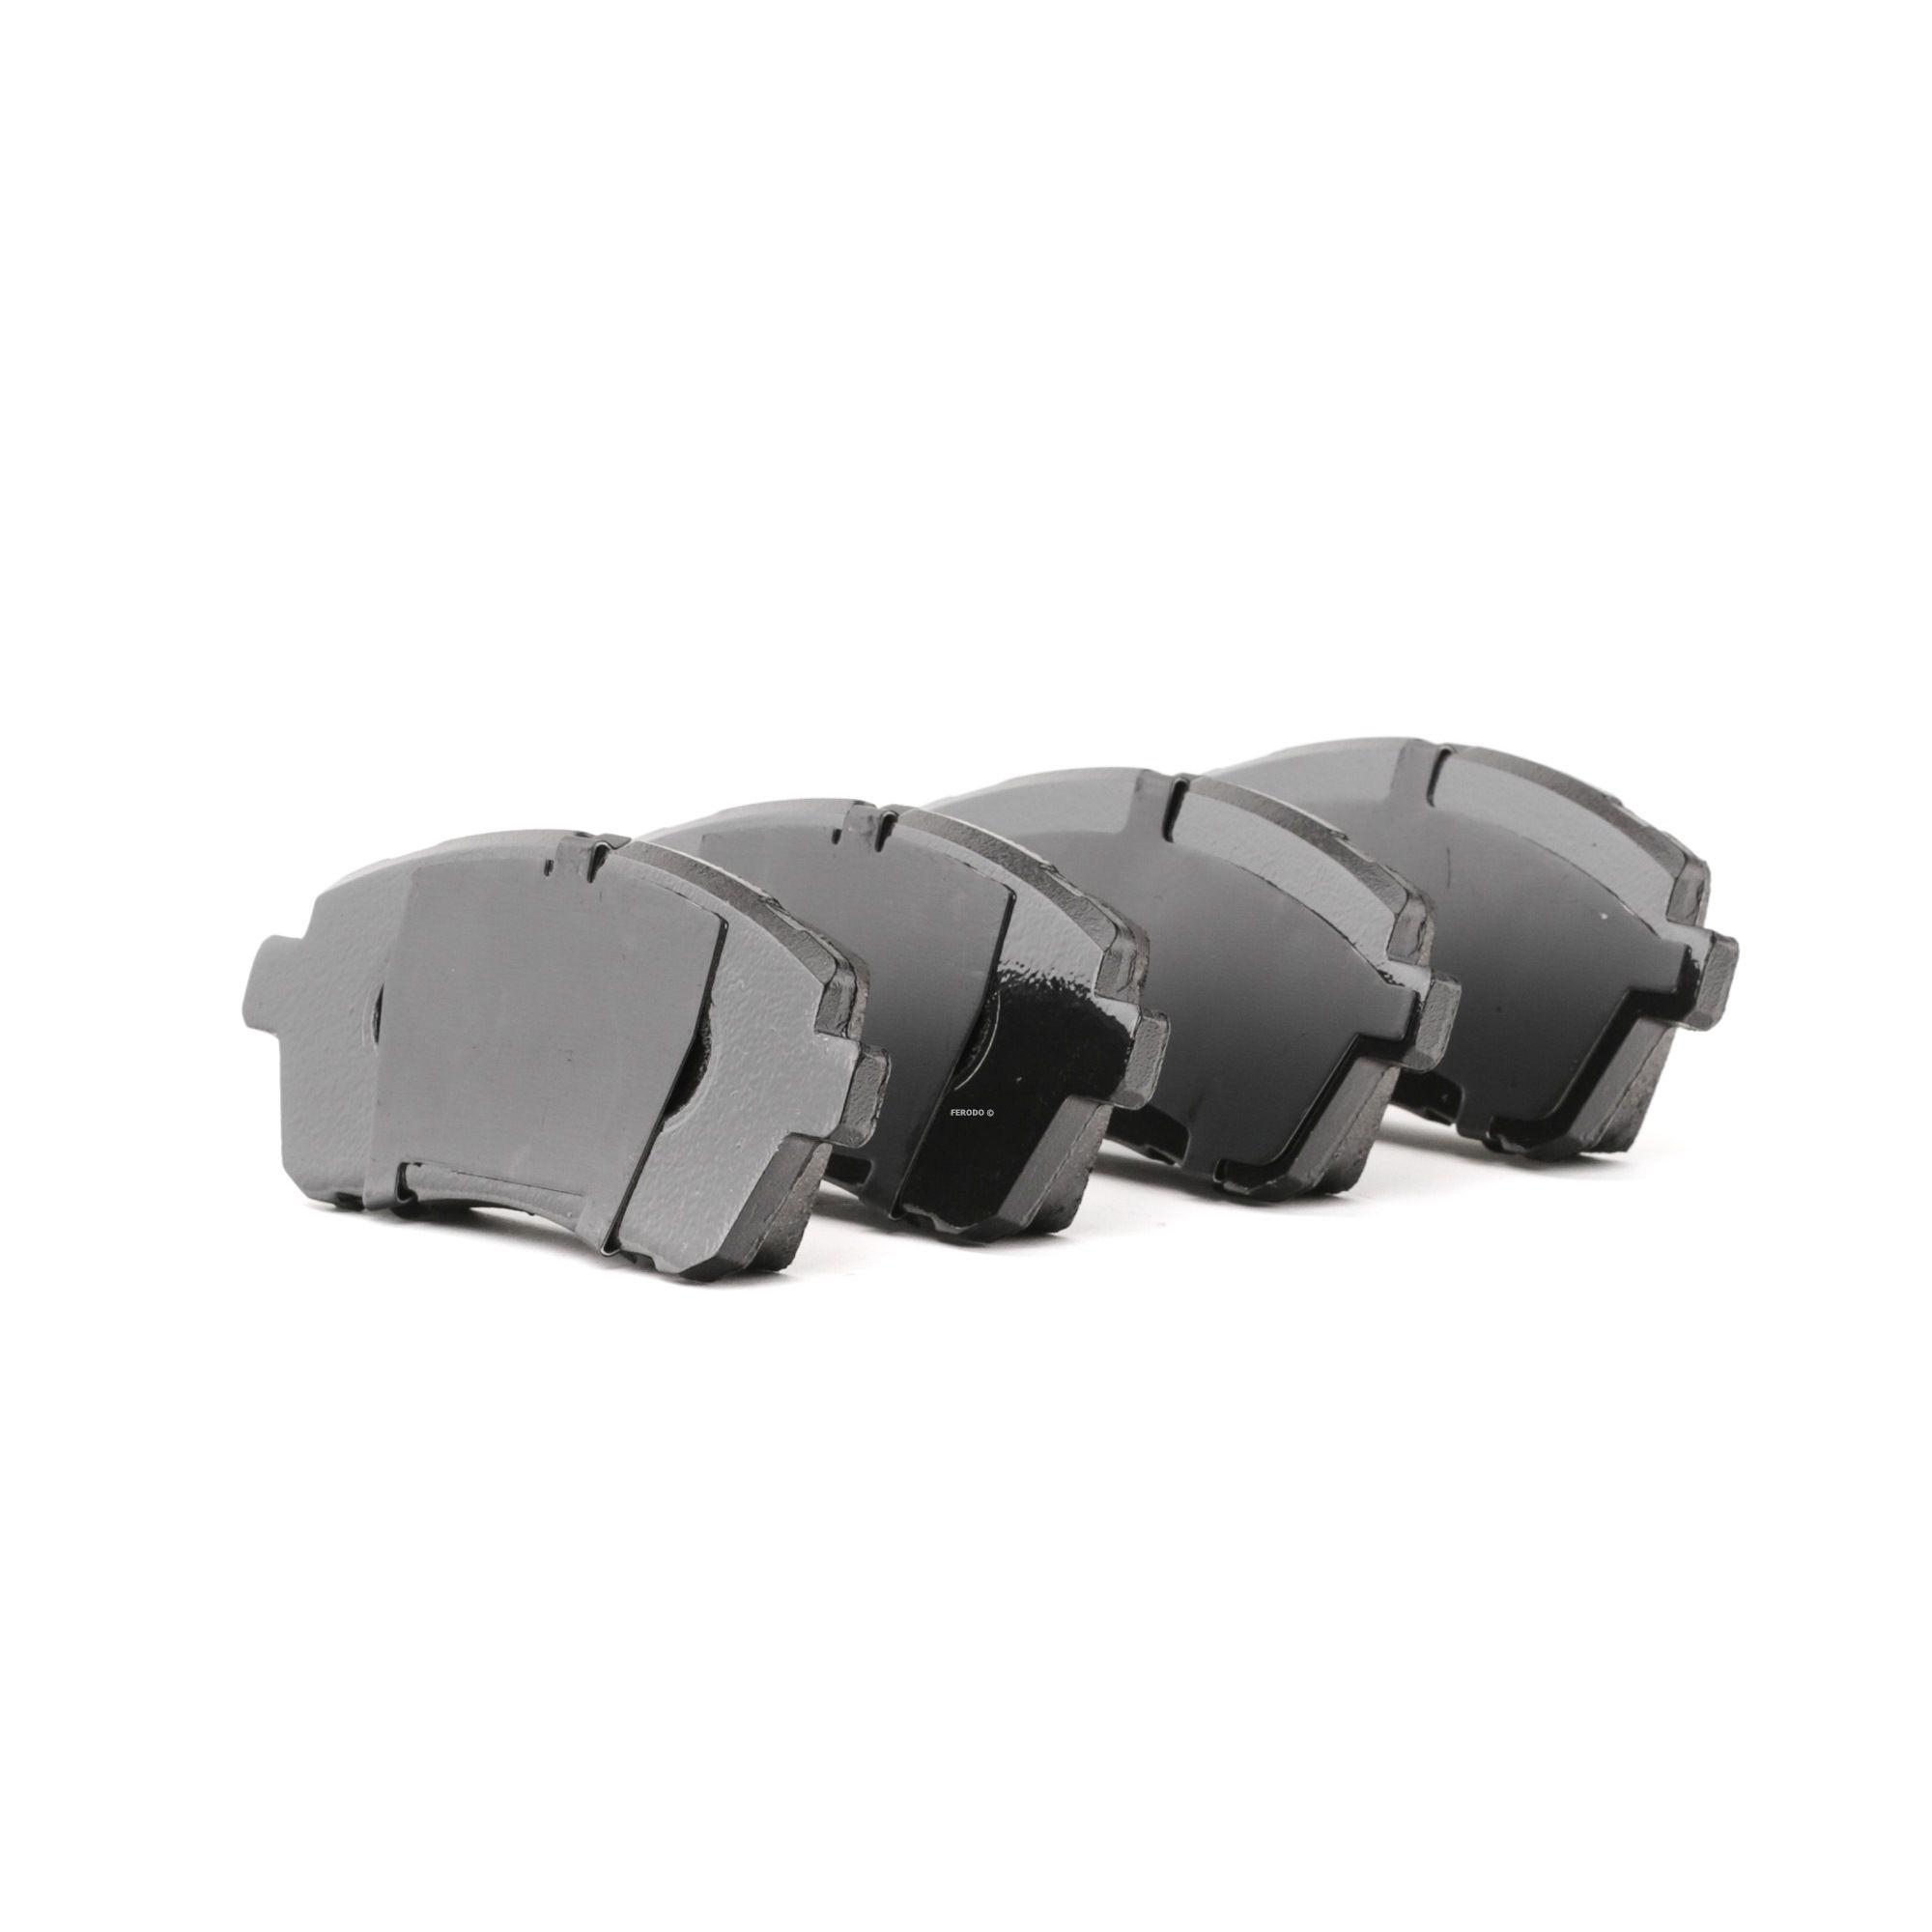 24283 FERODO PREMIER ECO FRICTION nicht für Verschleißwarnanzeiger vorbereitet, mit Bremssattelschrauben Höhe 1: 52mm, Dicke/Stärke 1: 17,5mm, Dicke/Stärke: 17,1mm Bremsbelagsatz, Scheibenbremse FDB4179 günstig kaufen